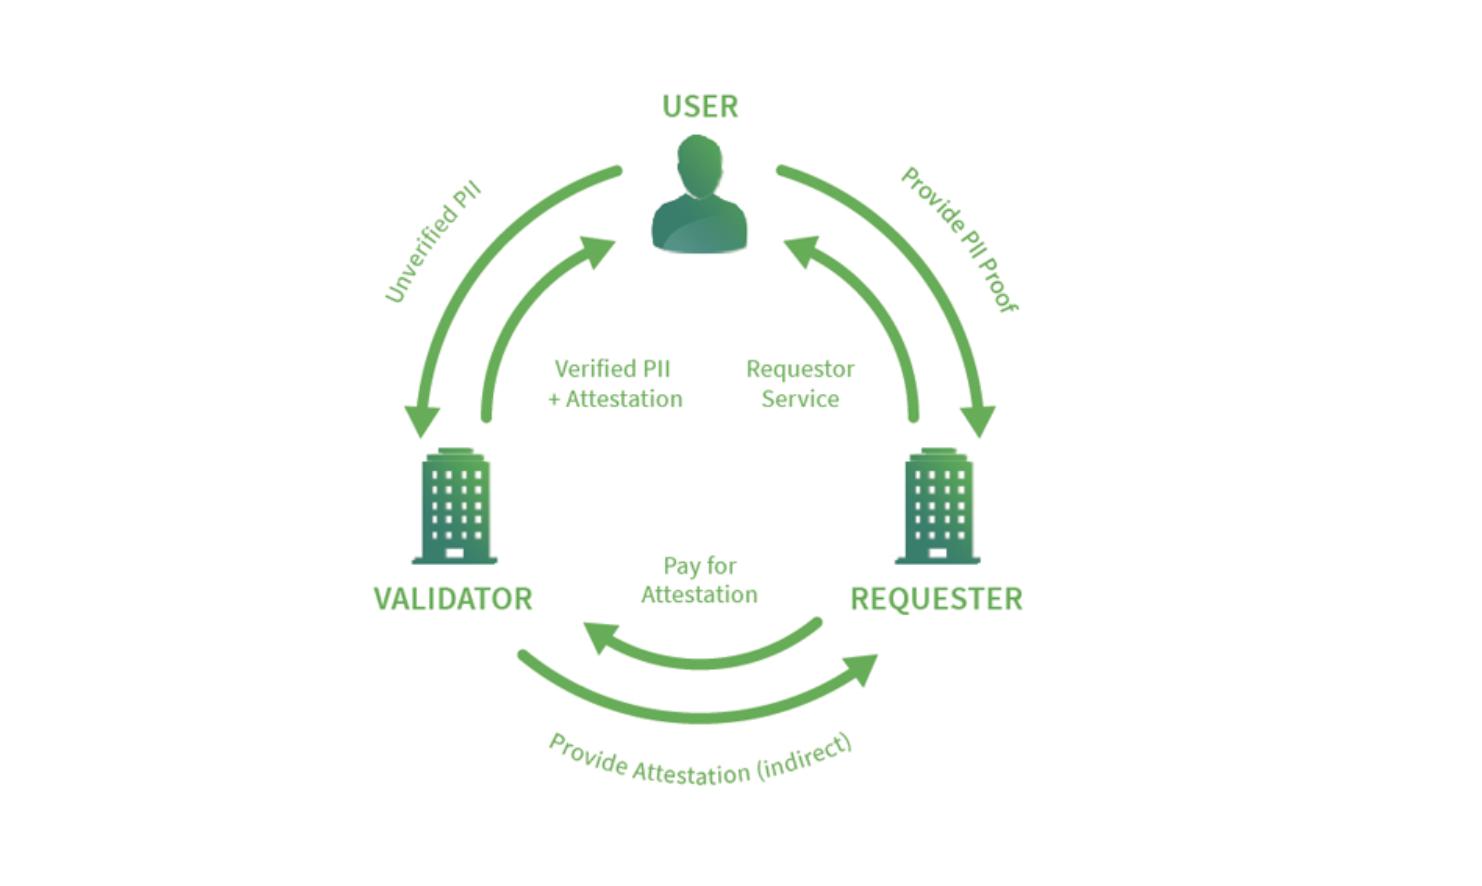 Civic Ecosystem, from https://www.civic.com/blog/staking-cvcs-token-behavior-model/